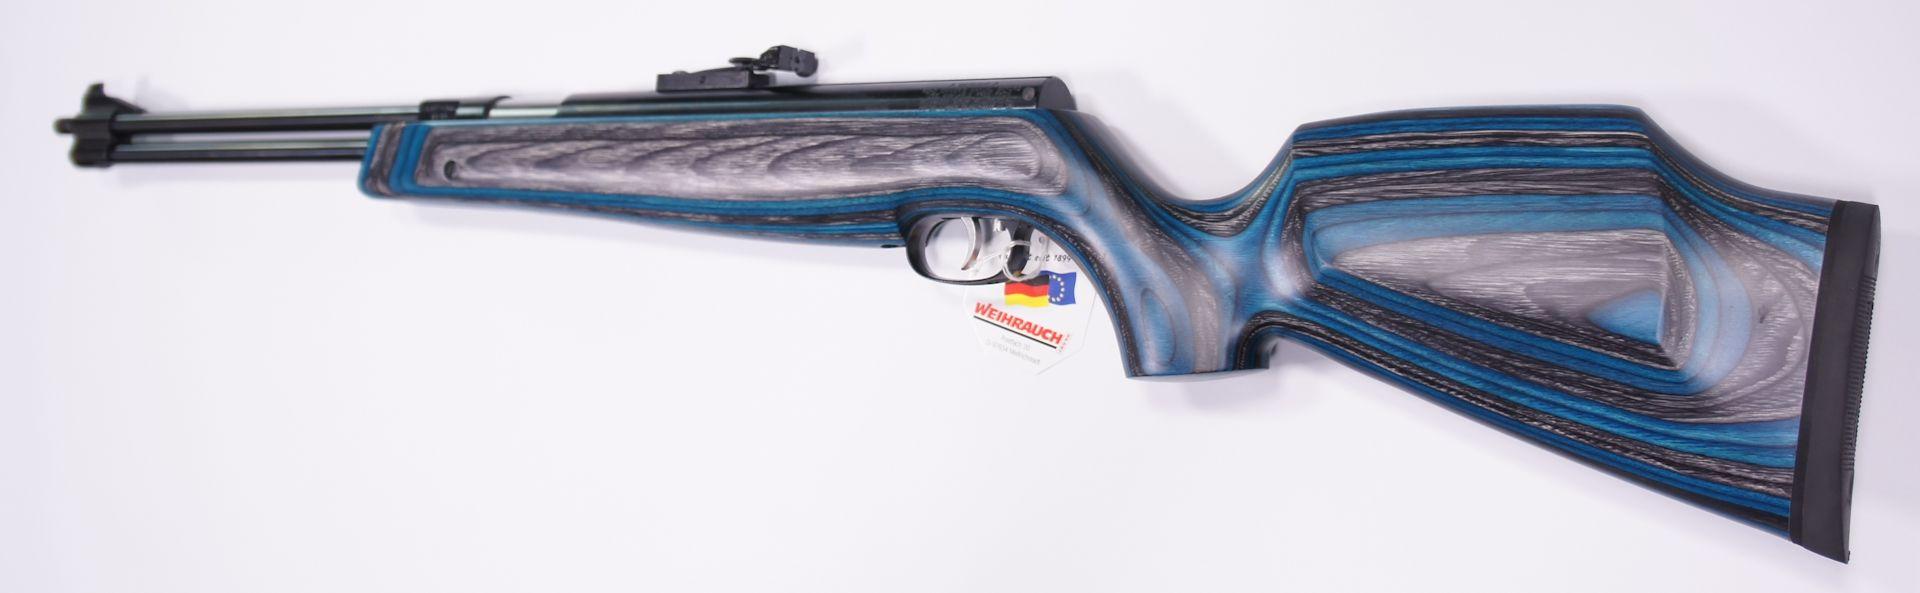 Der blaue Schichtholzschaft am Luftgewehr HW 77 K sieht sehr gut aus.